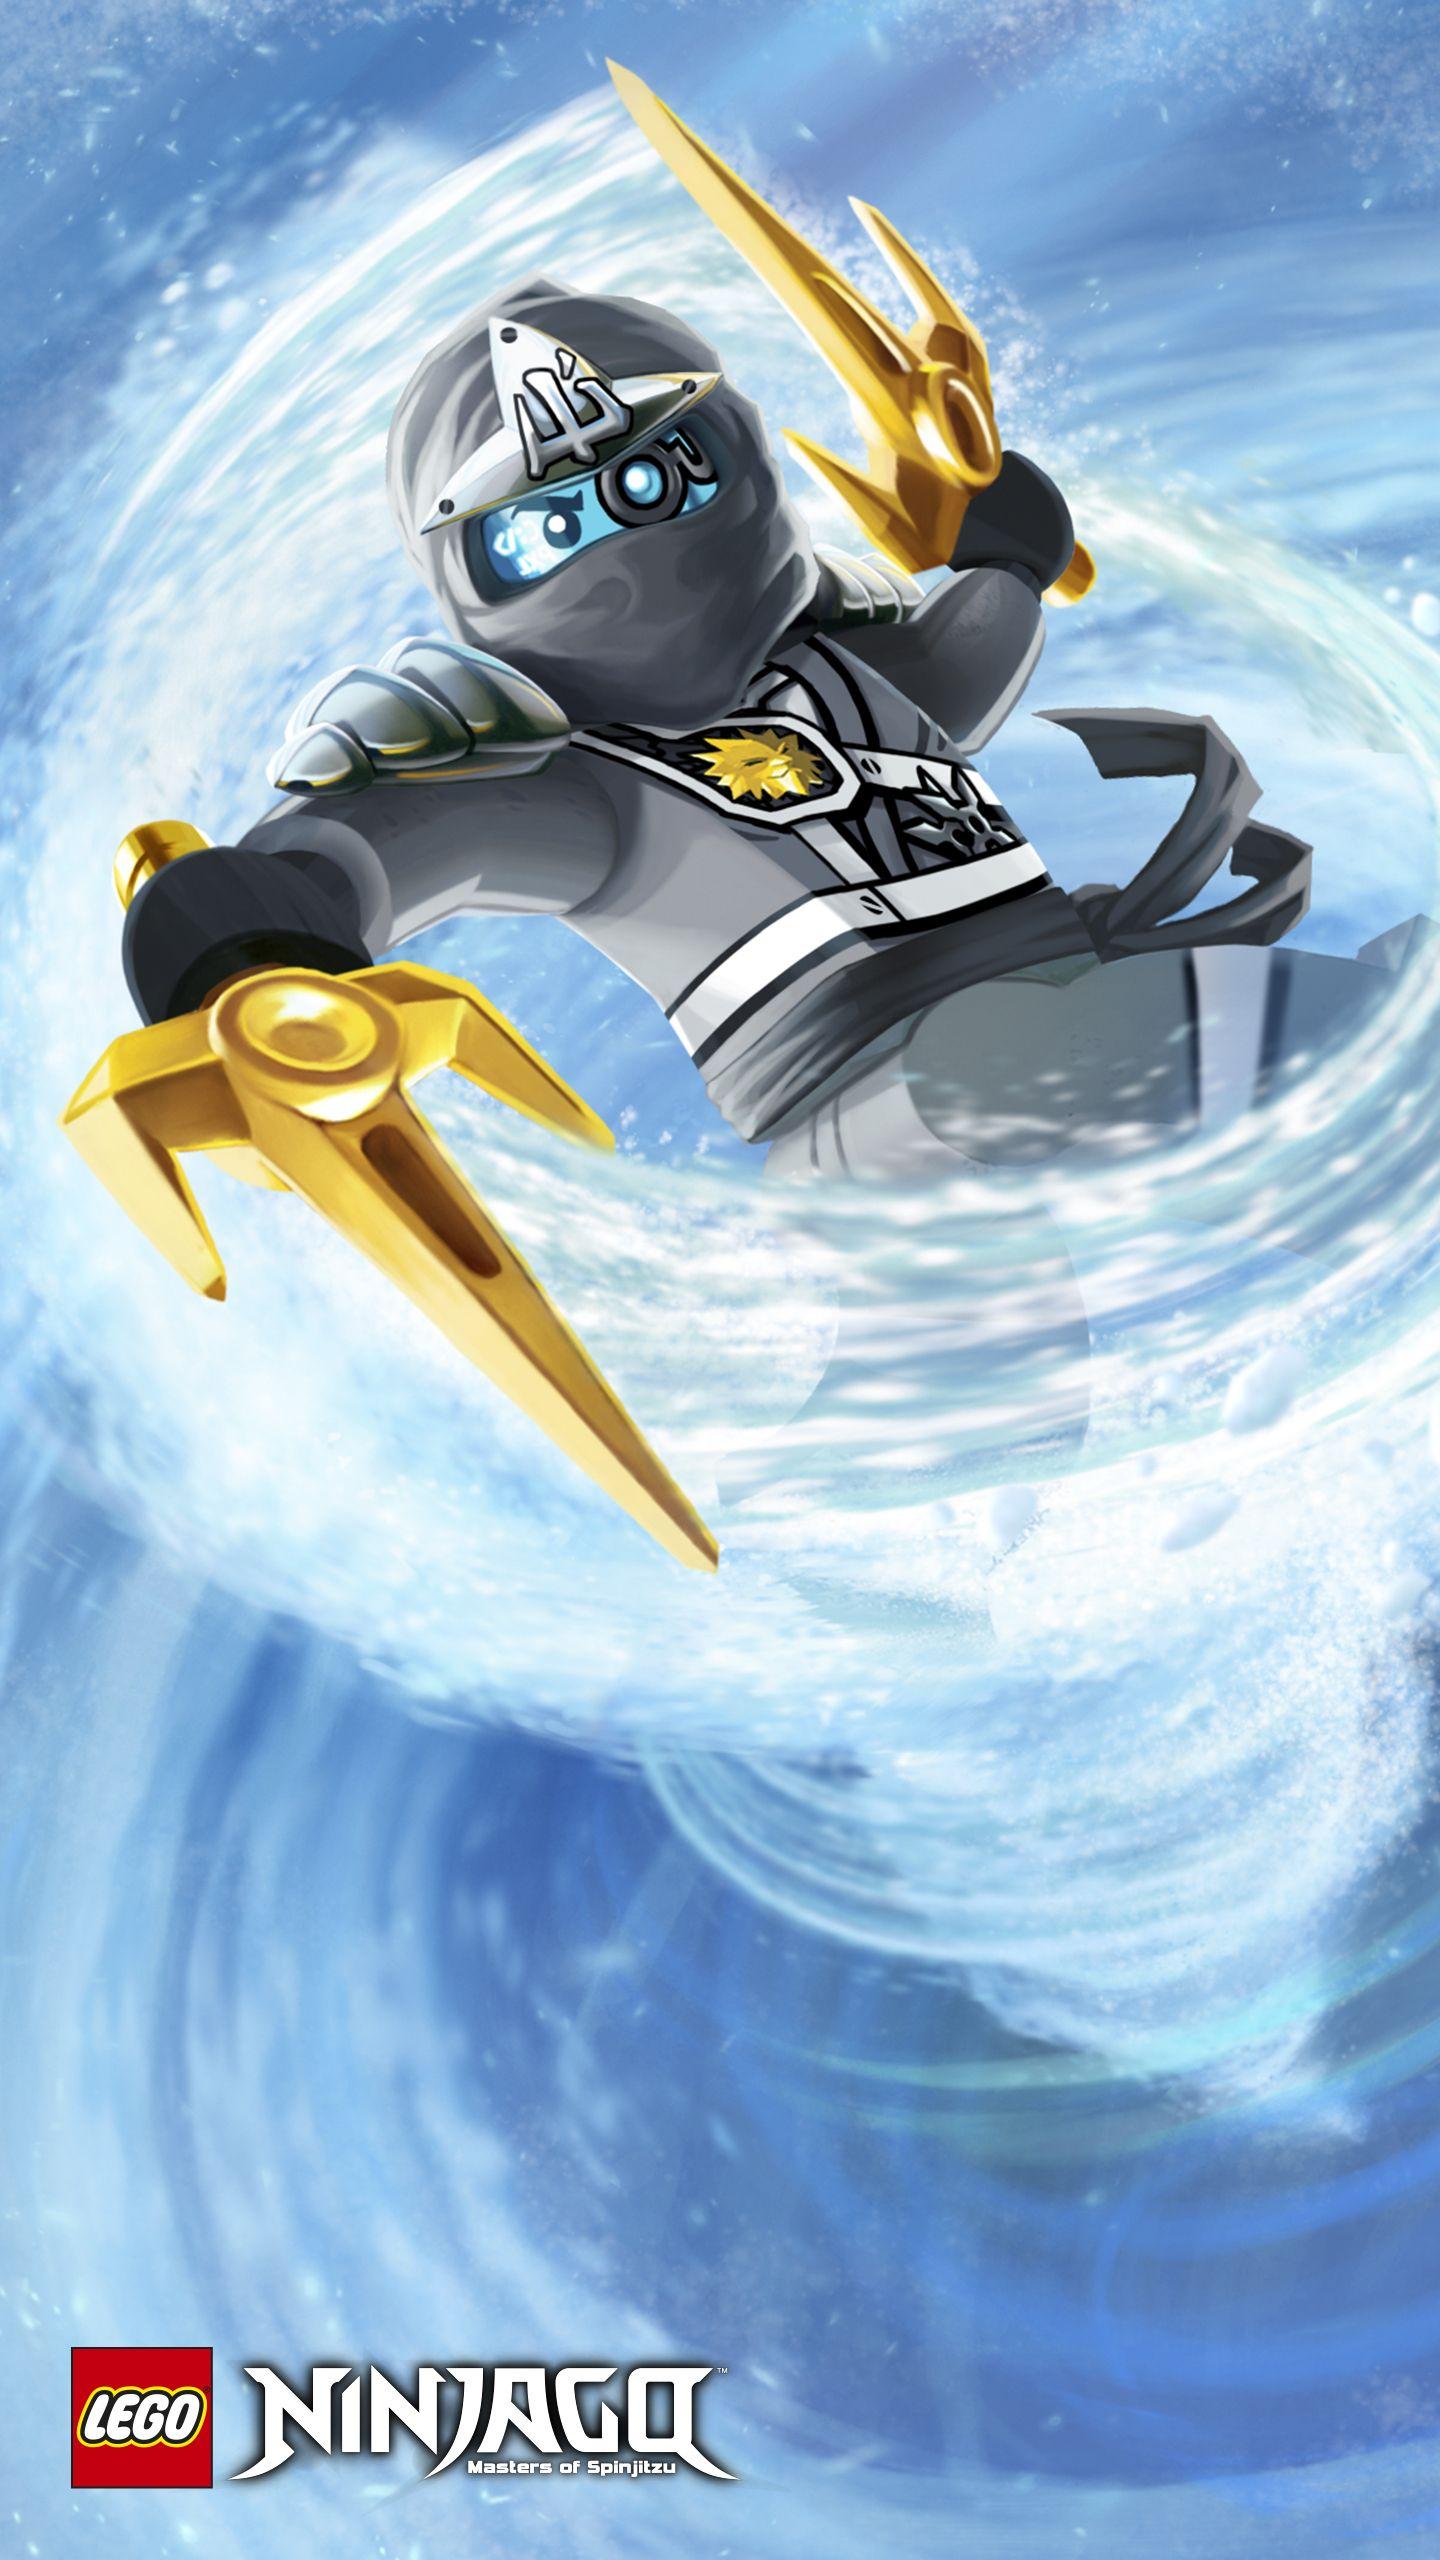 Ninjago zane 5 1440 2560 basteln for Kinderzimmer ninjago